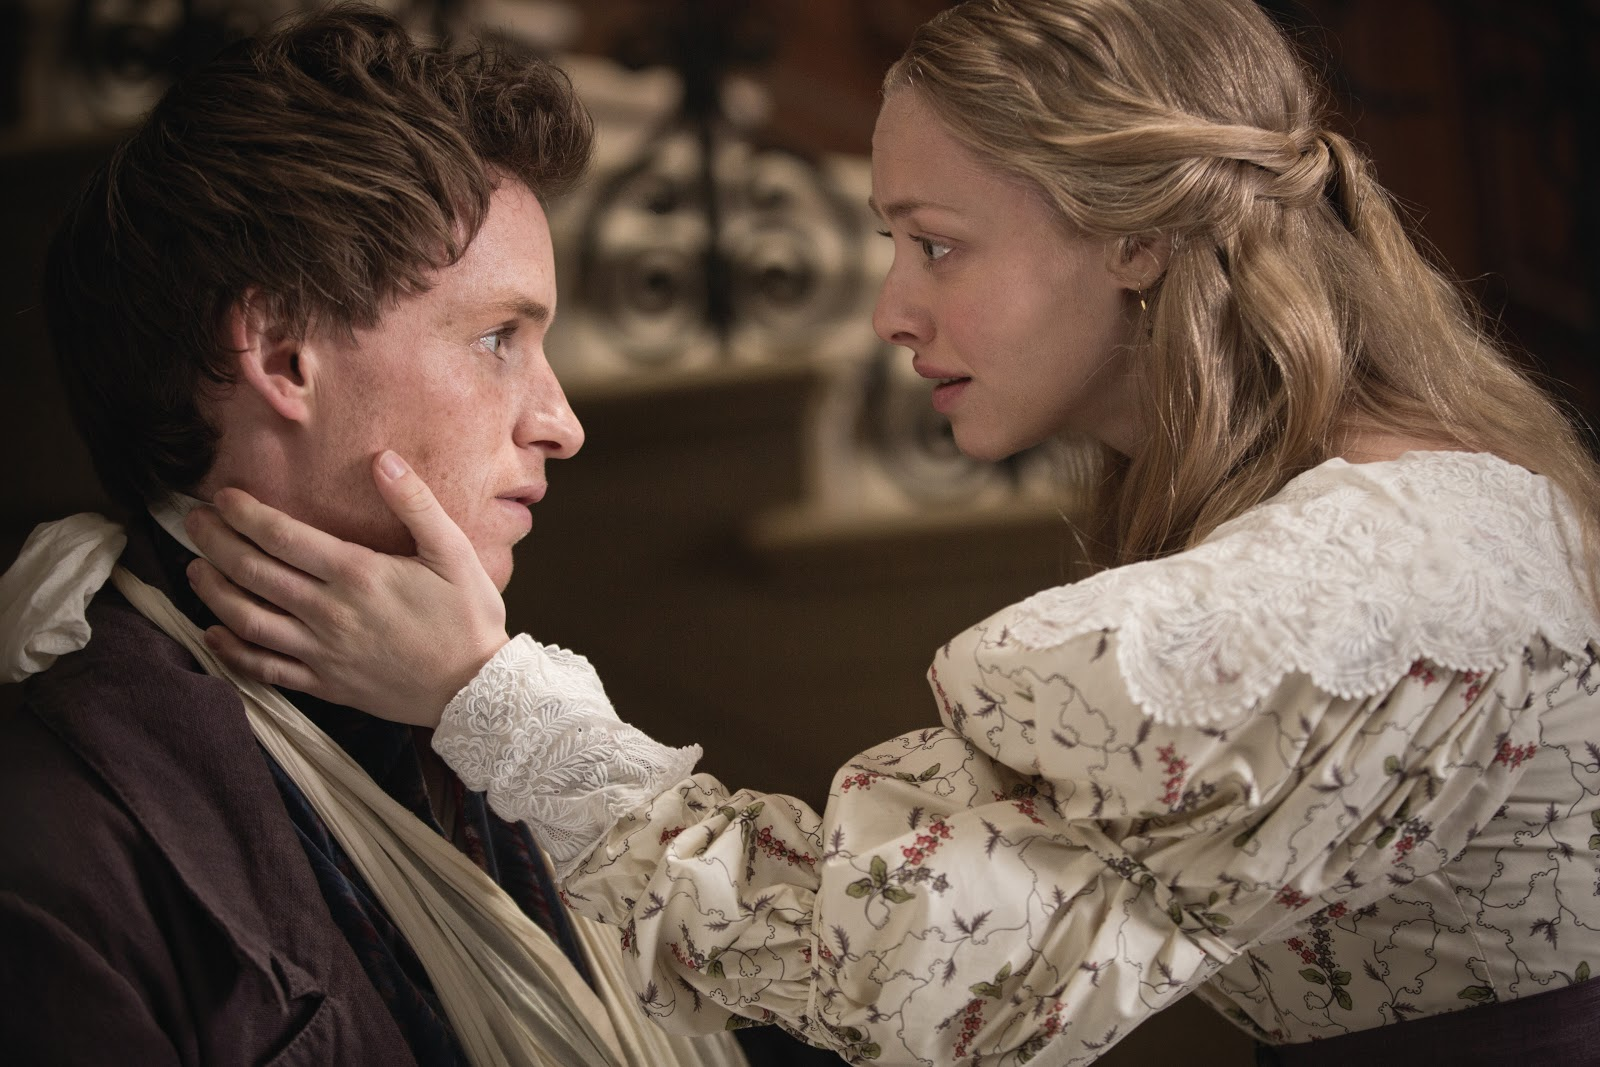 http://1.bp.blogspot.com/-iCUGsOEPDmc/UNJ_DEOlGmI/AAAAAAAAfiU/pbIoHVAIywY/s1600/Marius-Cosette.jpeg